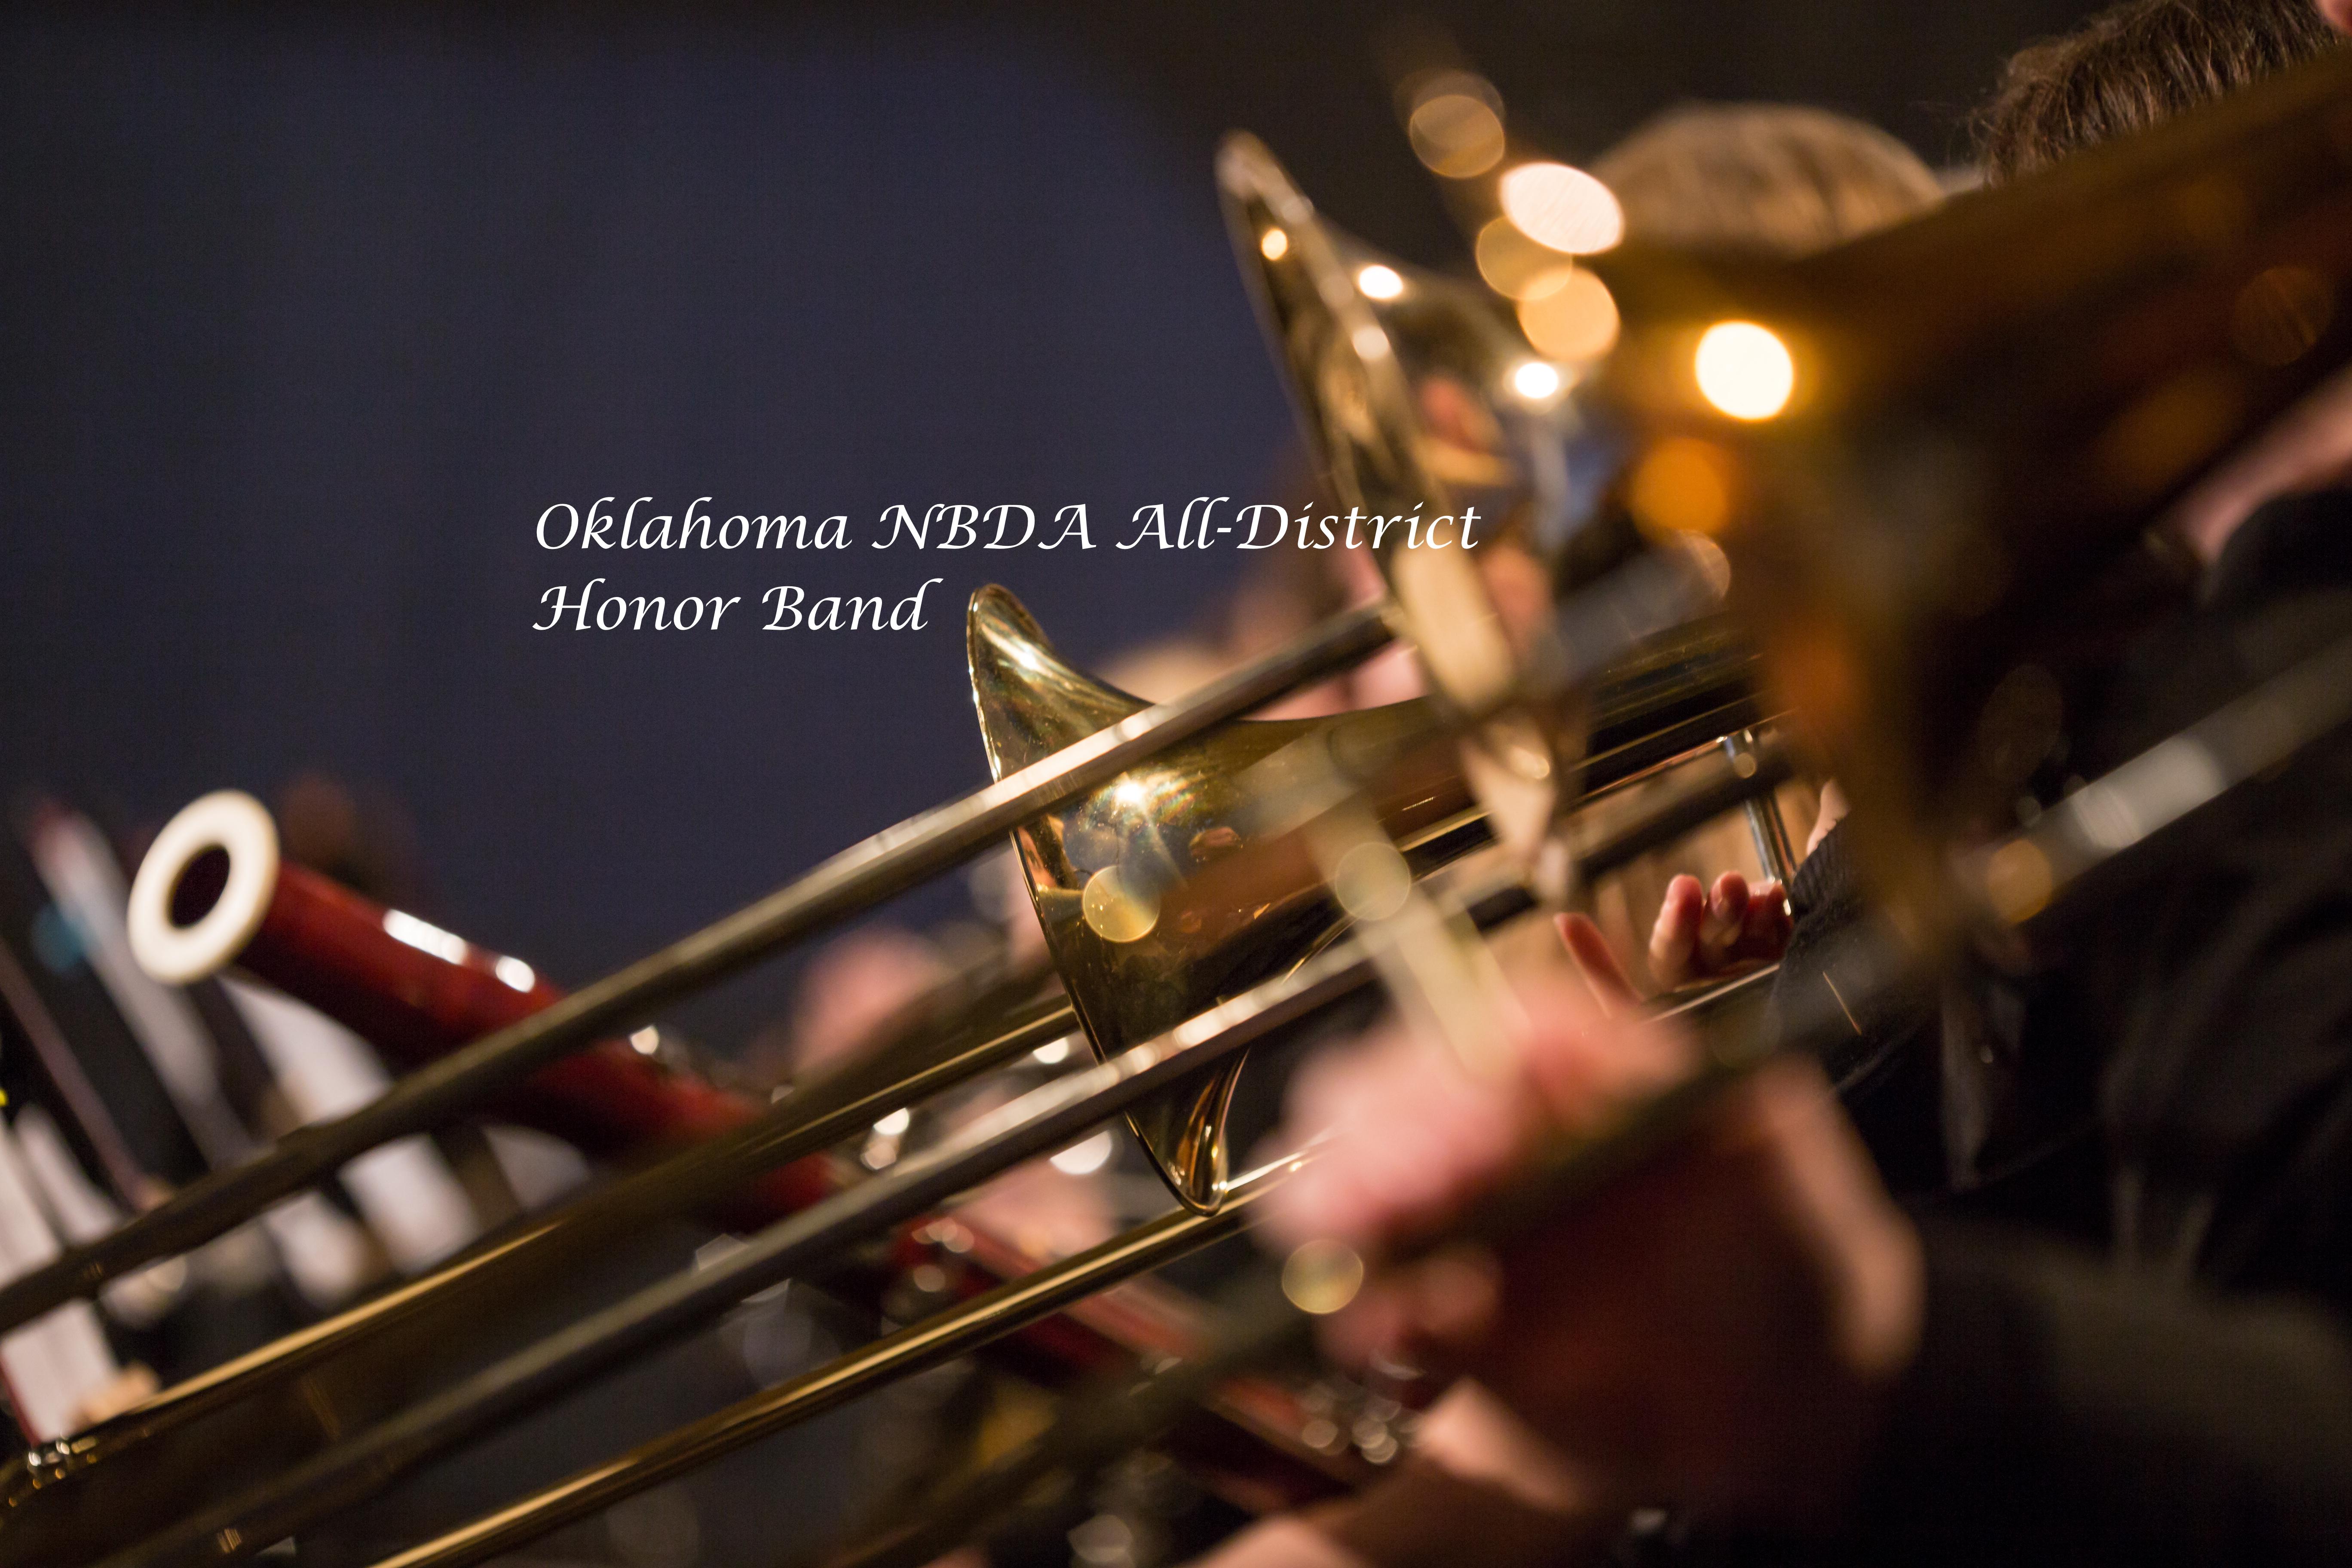 Oklahoma NBDA All-District Honor Band